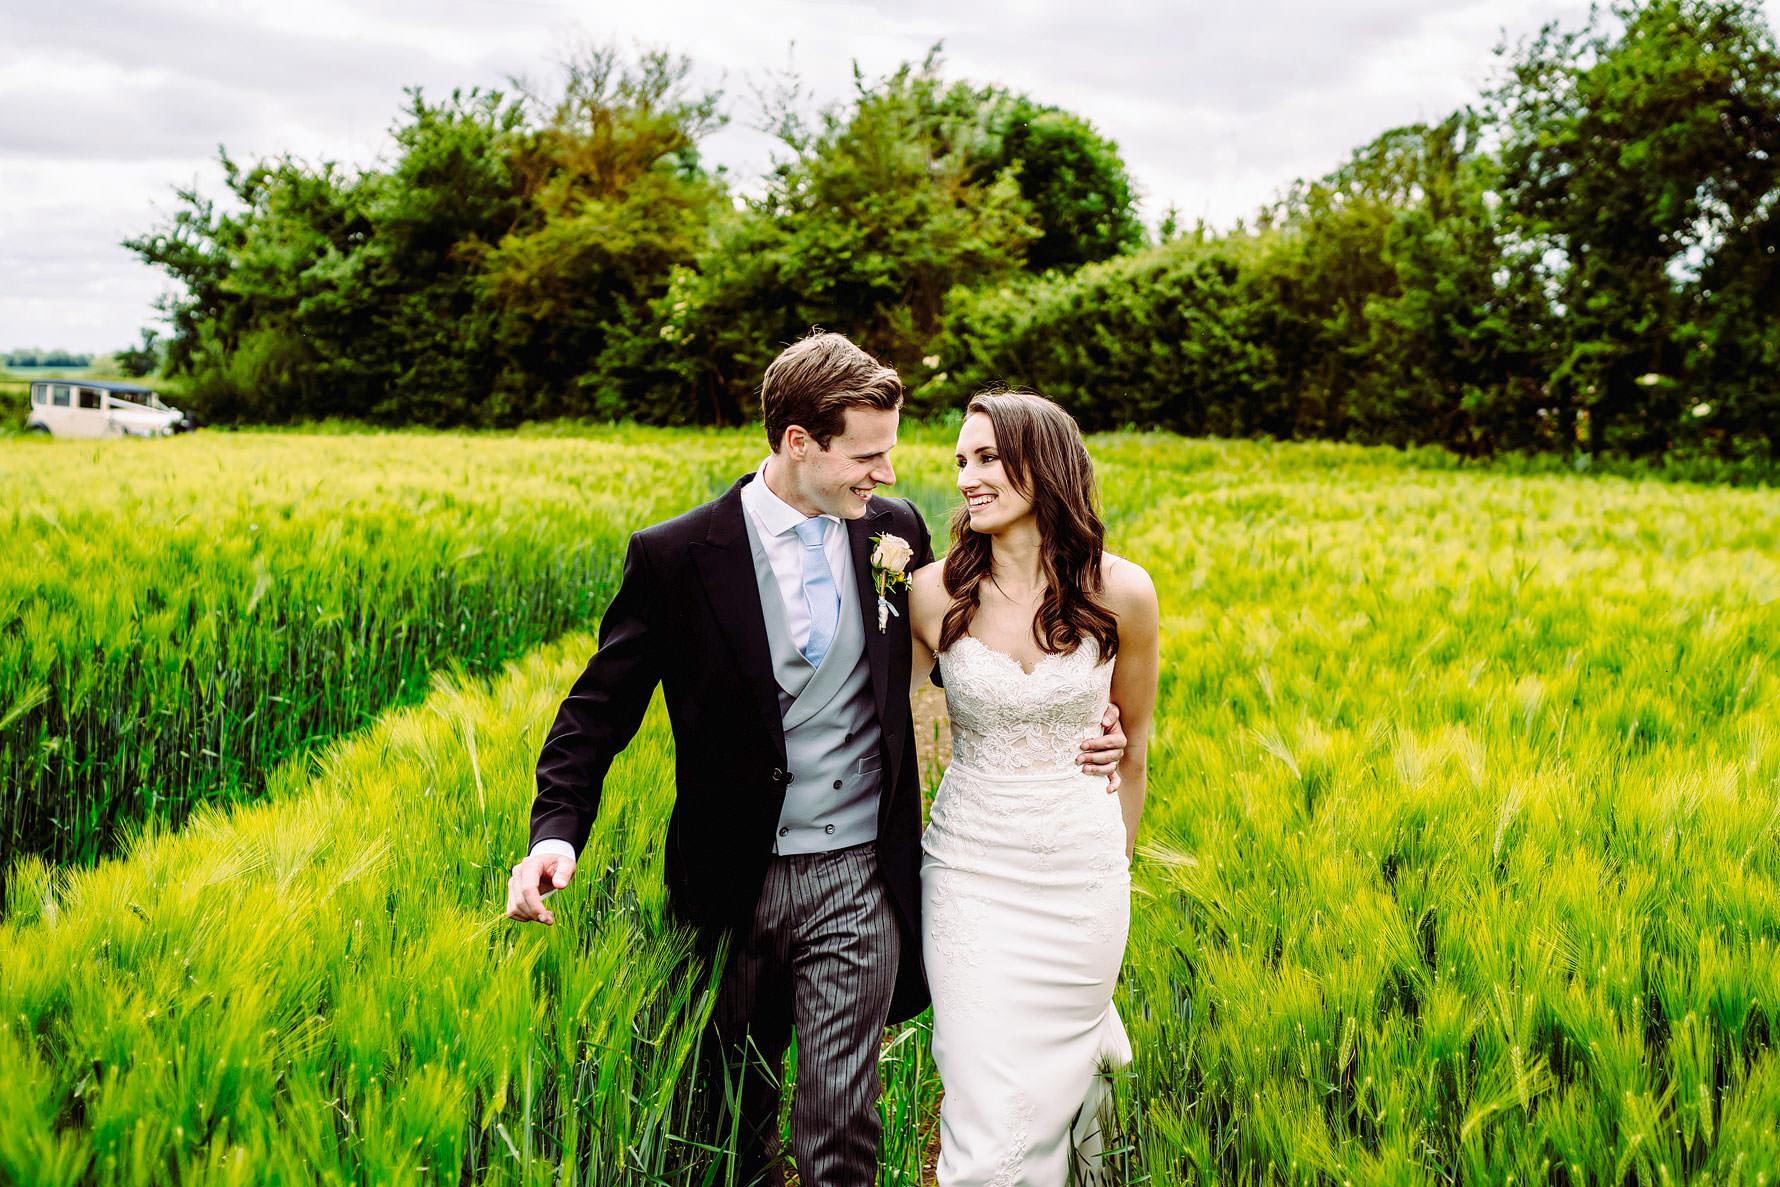 a beautiful wedding photo